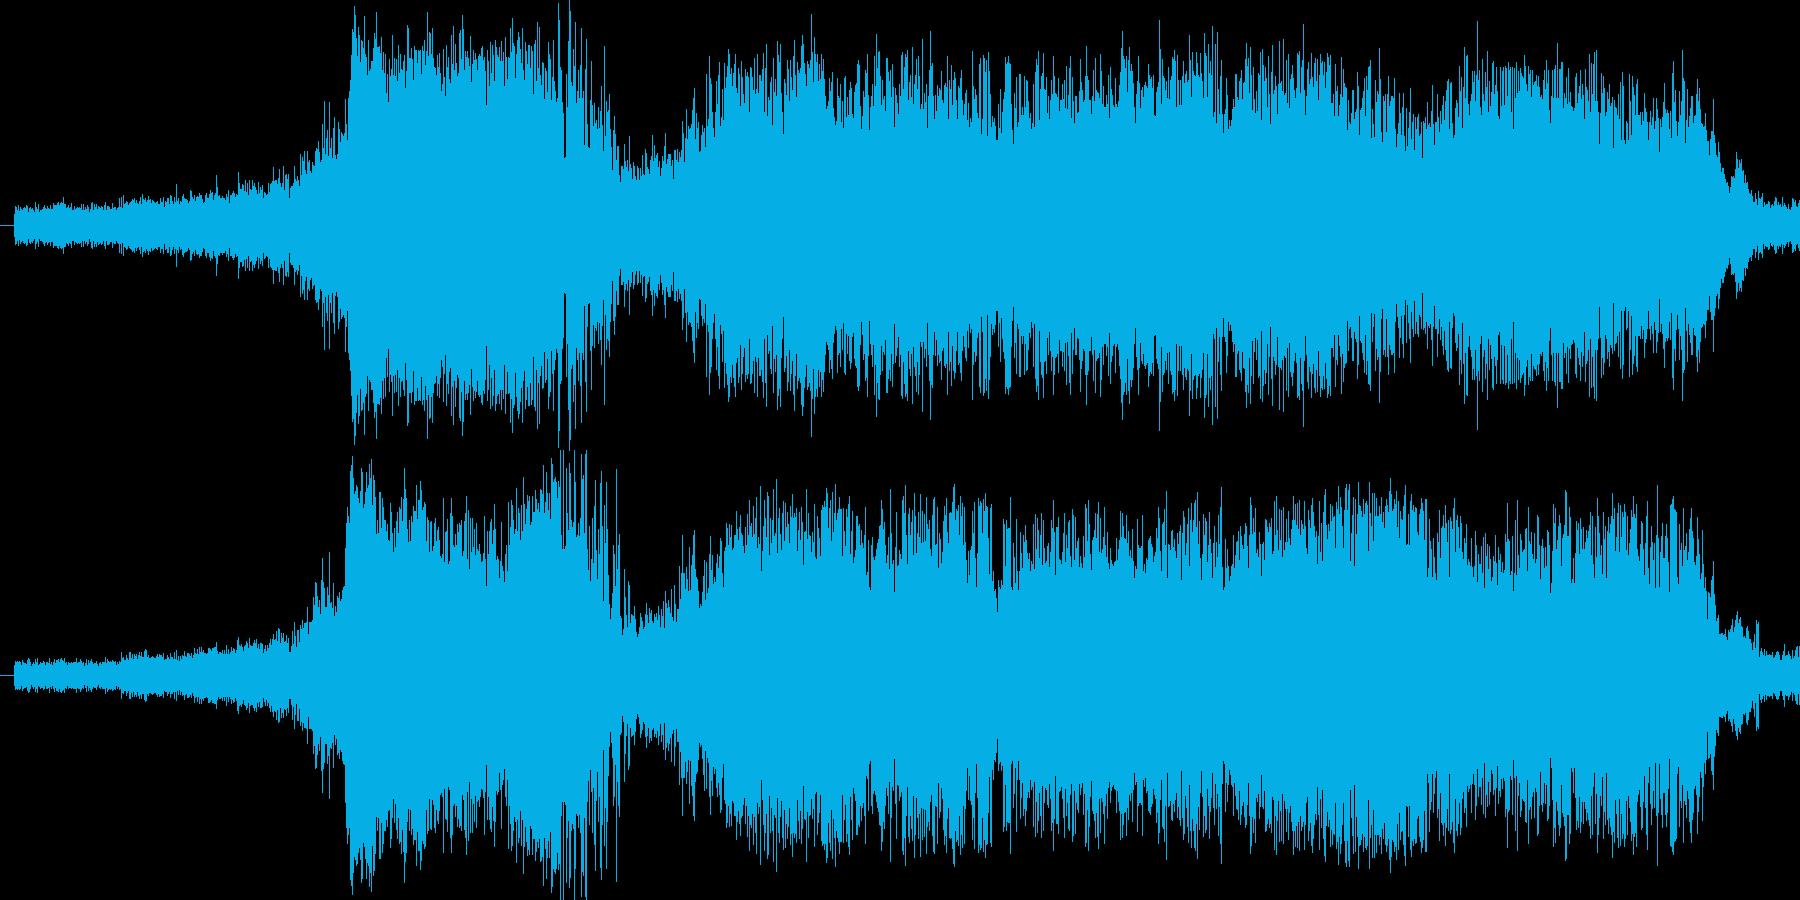 ドイツの都市間輸送列車ICの到着音の再生済みの波形